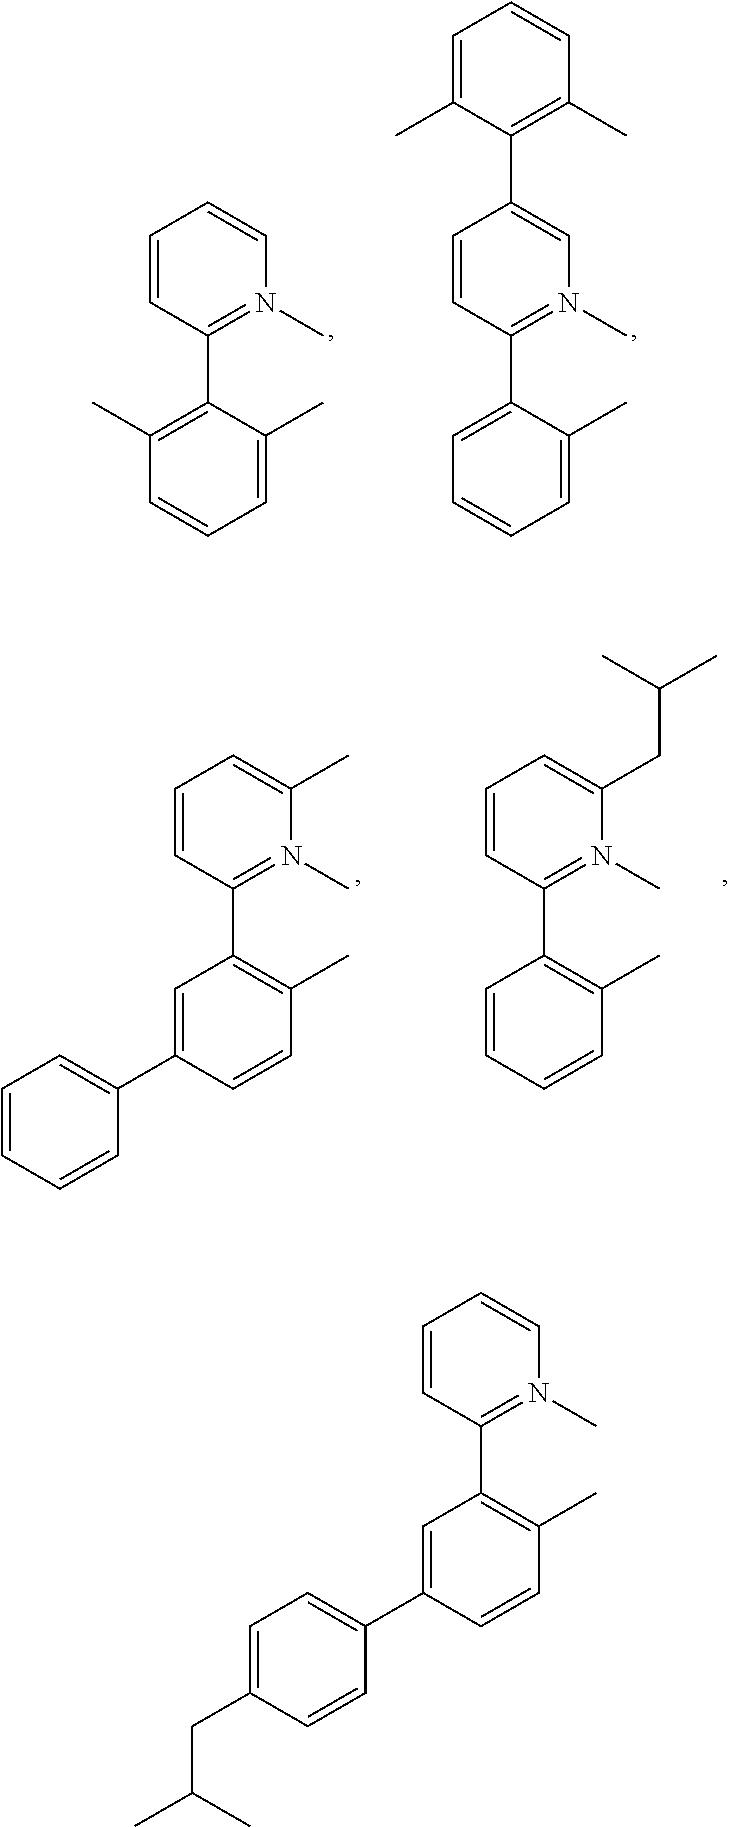 Figure US09899612-20180220-C00040